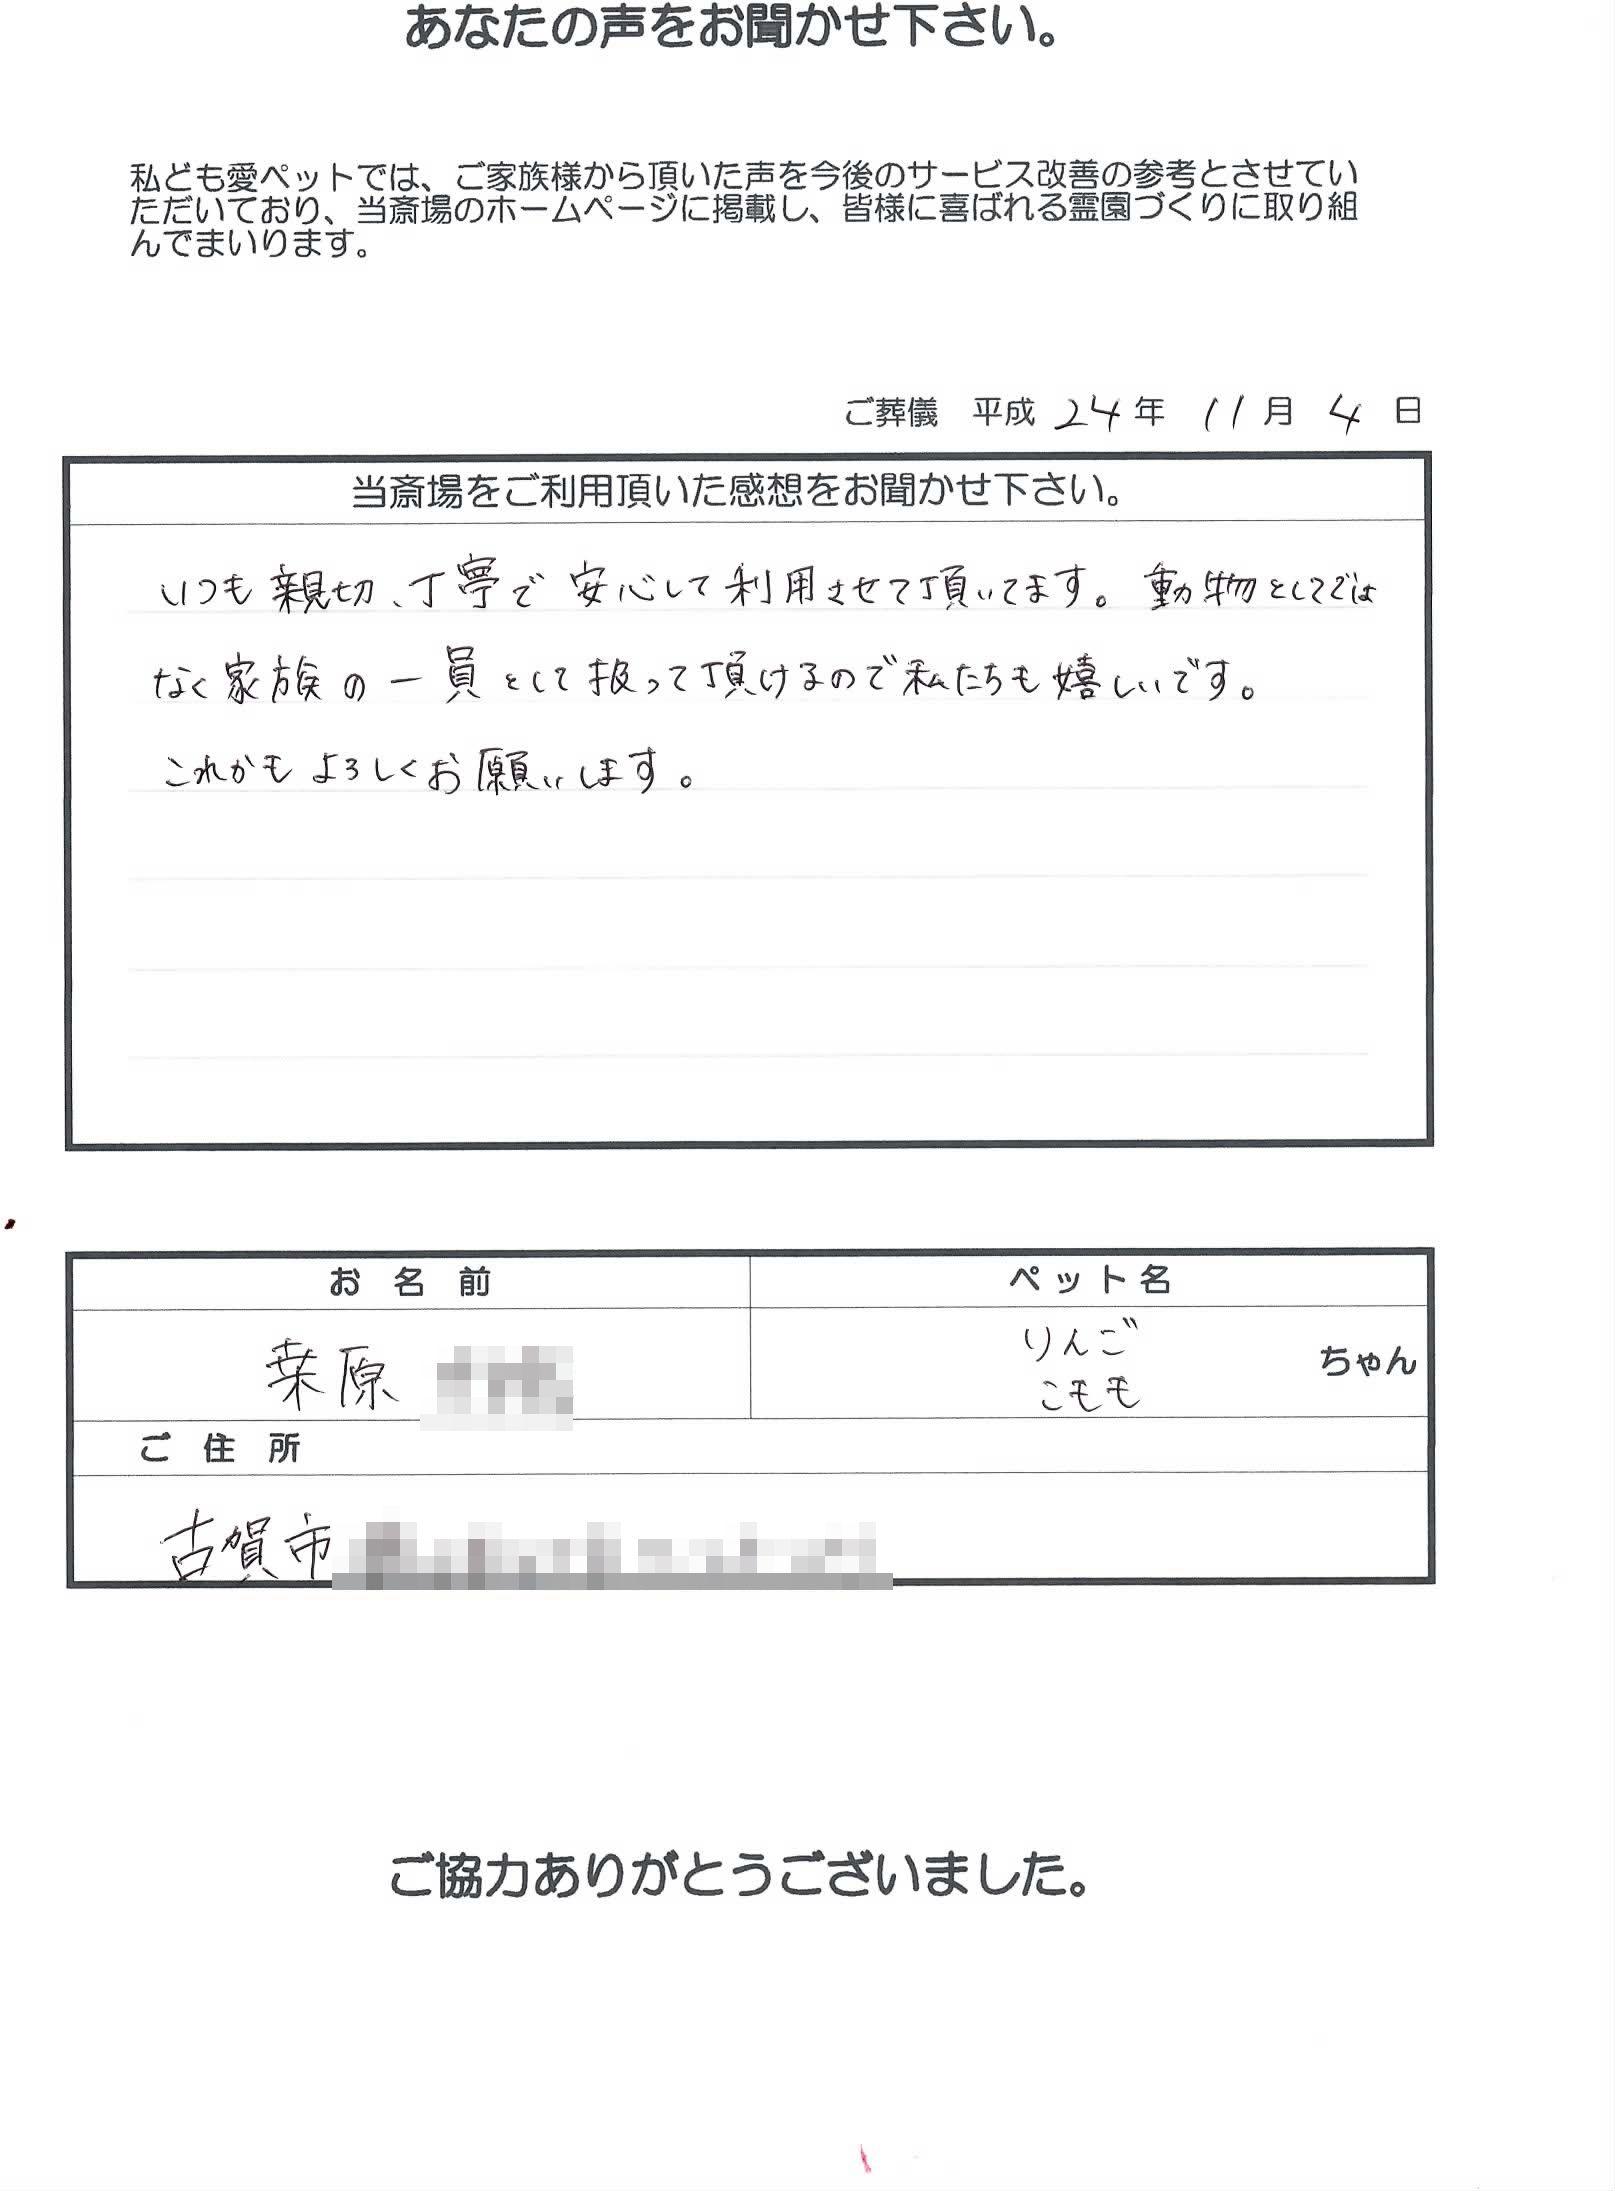 121104-2.jpg